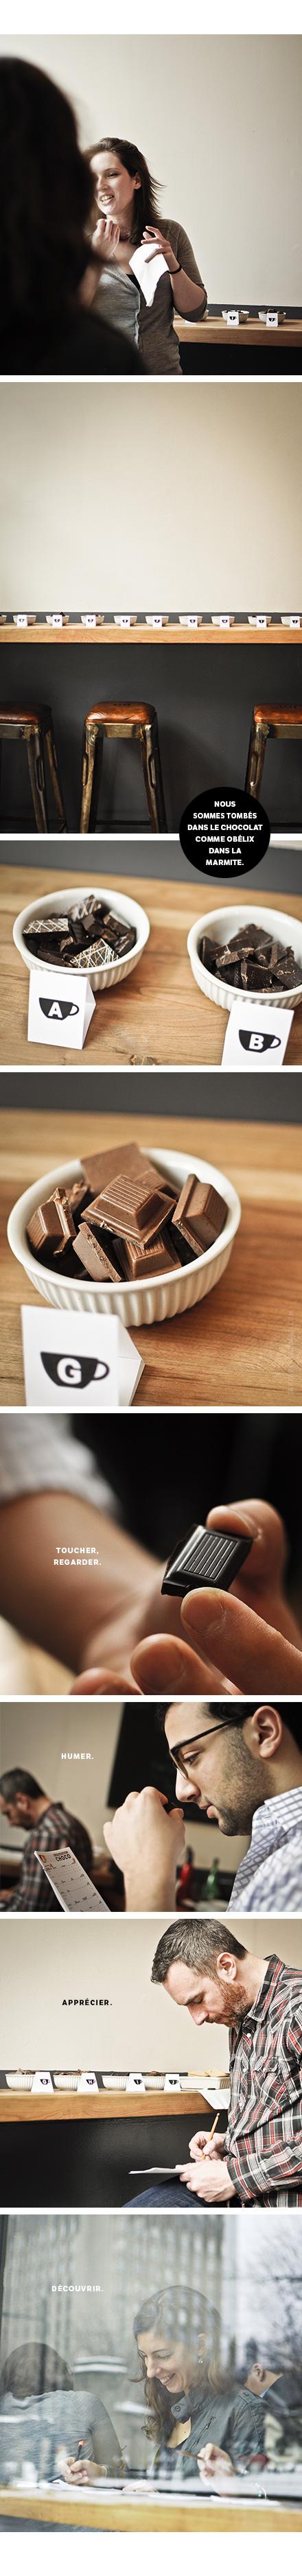 01-04-13-degustation-ChocoCafe-03